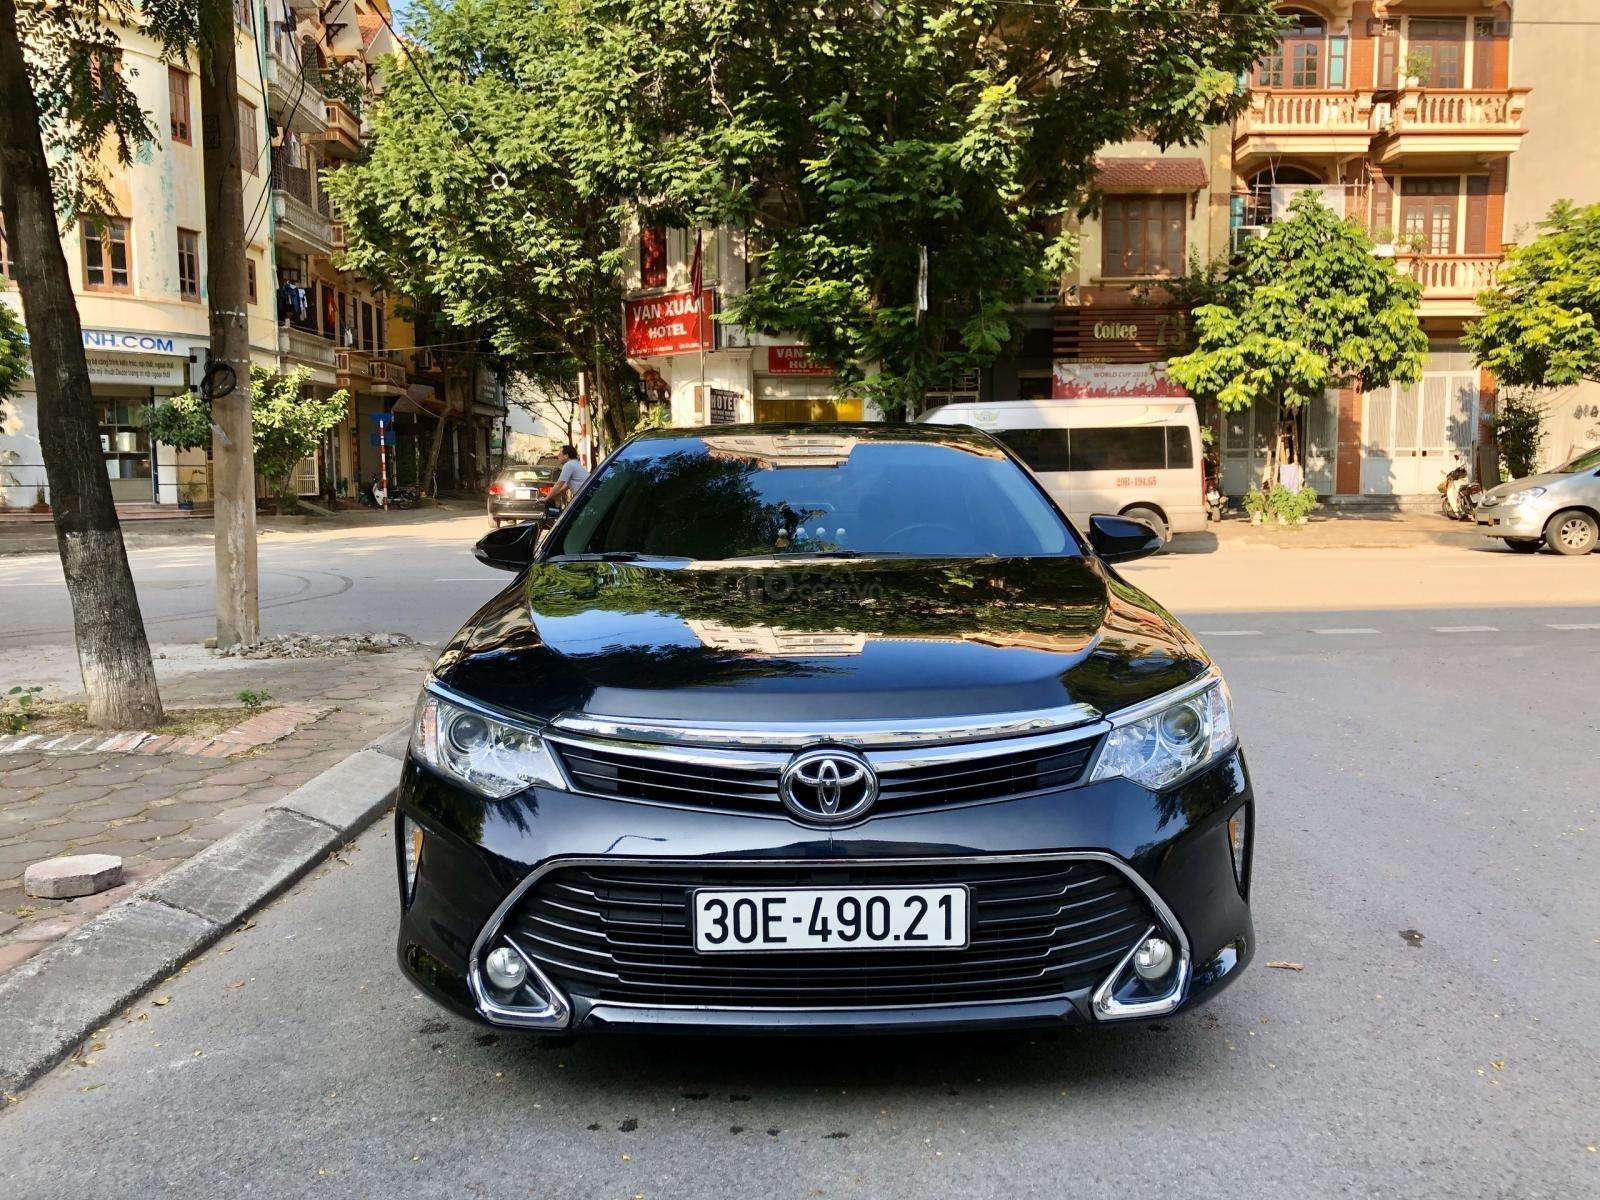 Bán gấp xe Toyota Camry 2.0 đời 2017 tư nhân chính chủ Hà Nội. LH: 084.765.5555 (2)